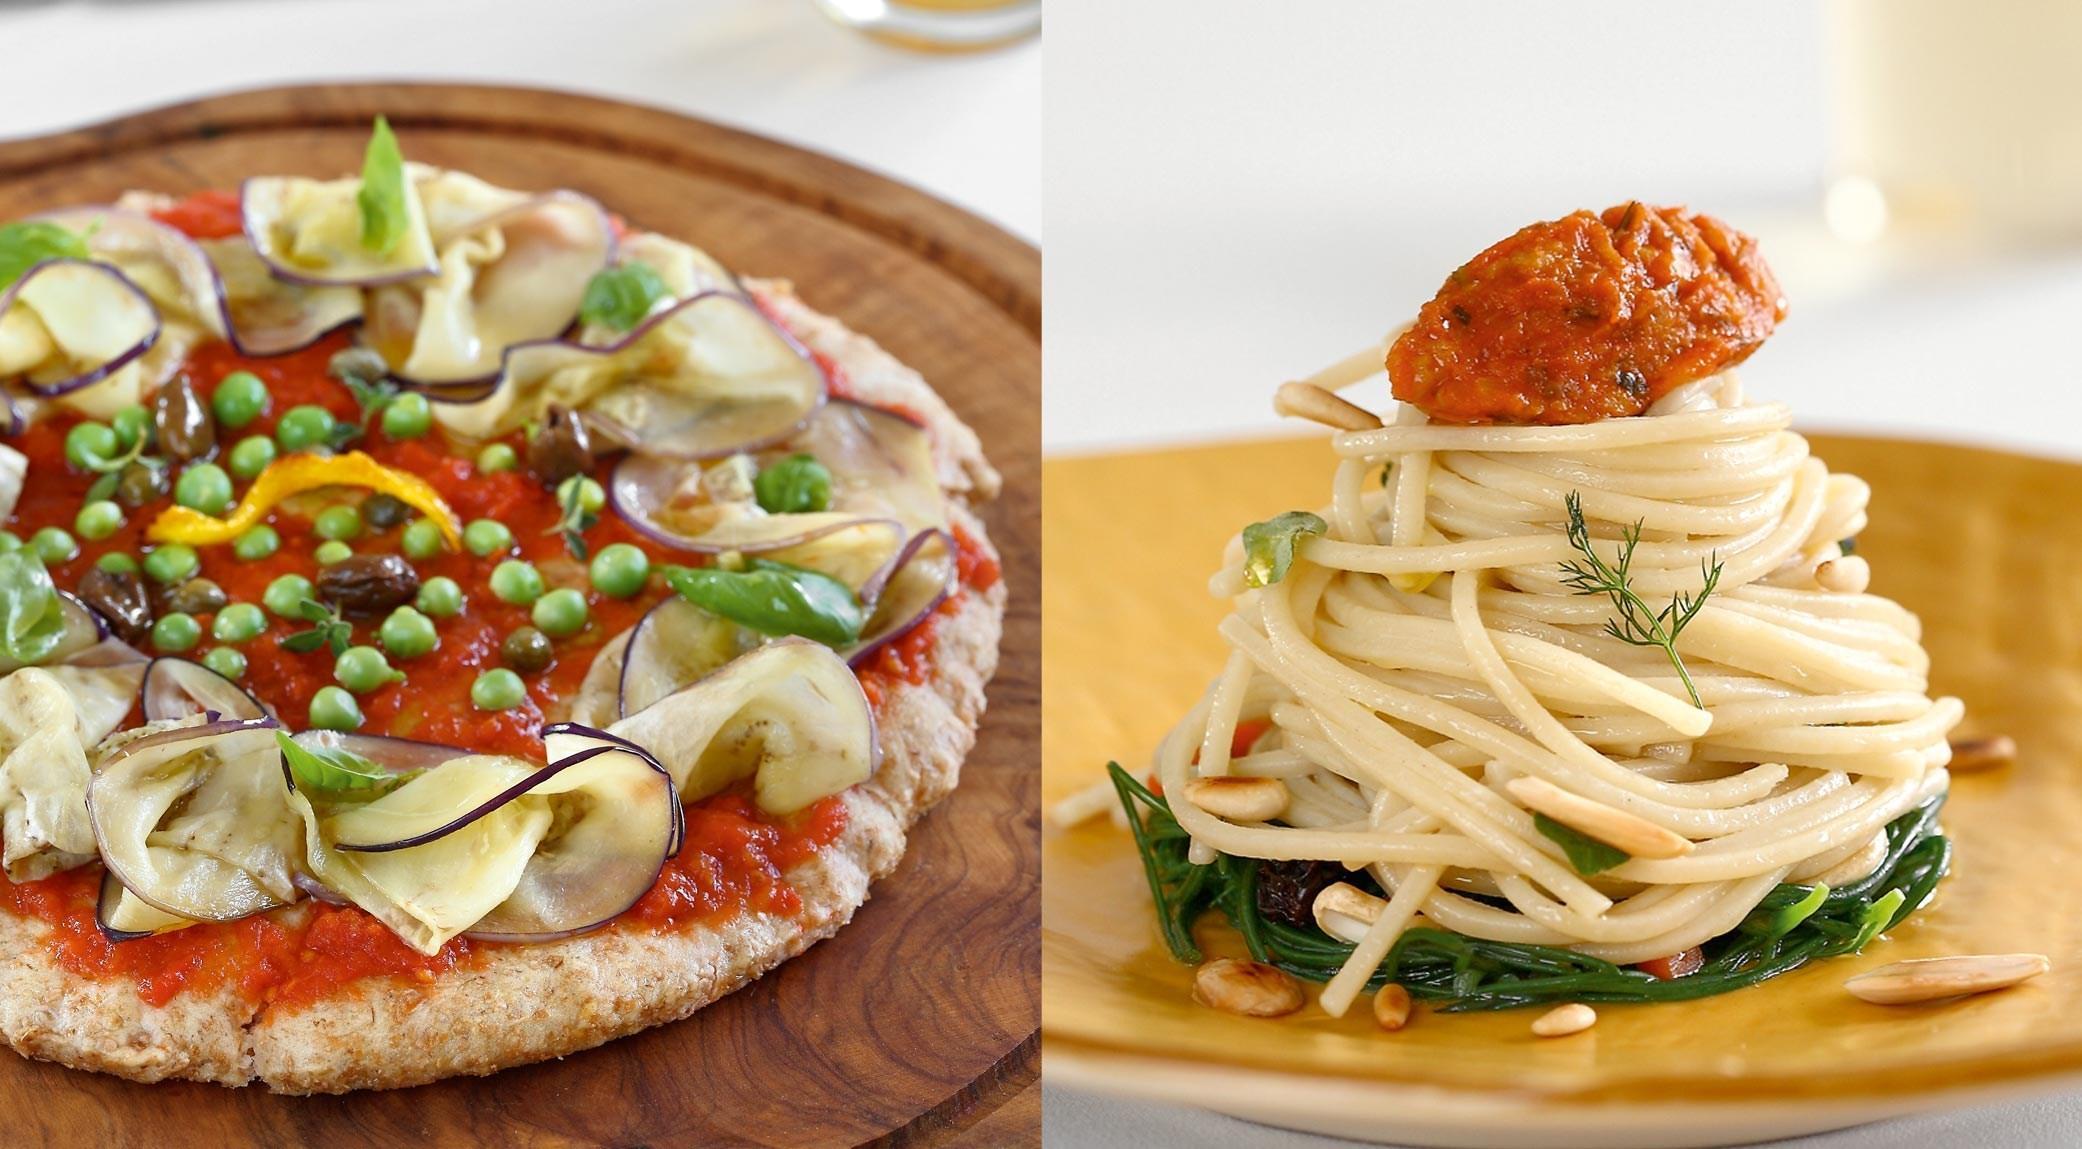 simone-salvini-pizza-e-speghetti-vegani